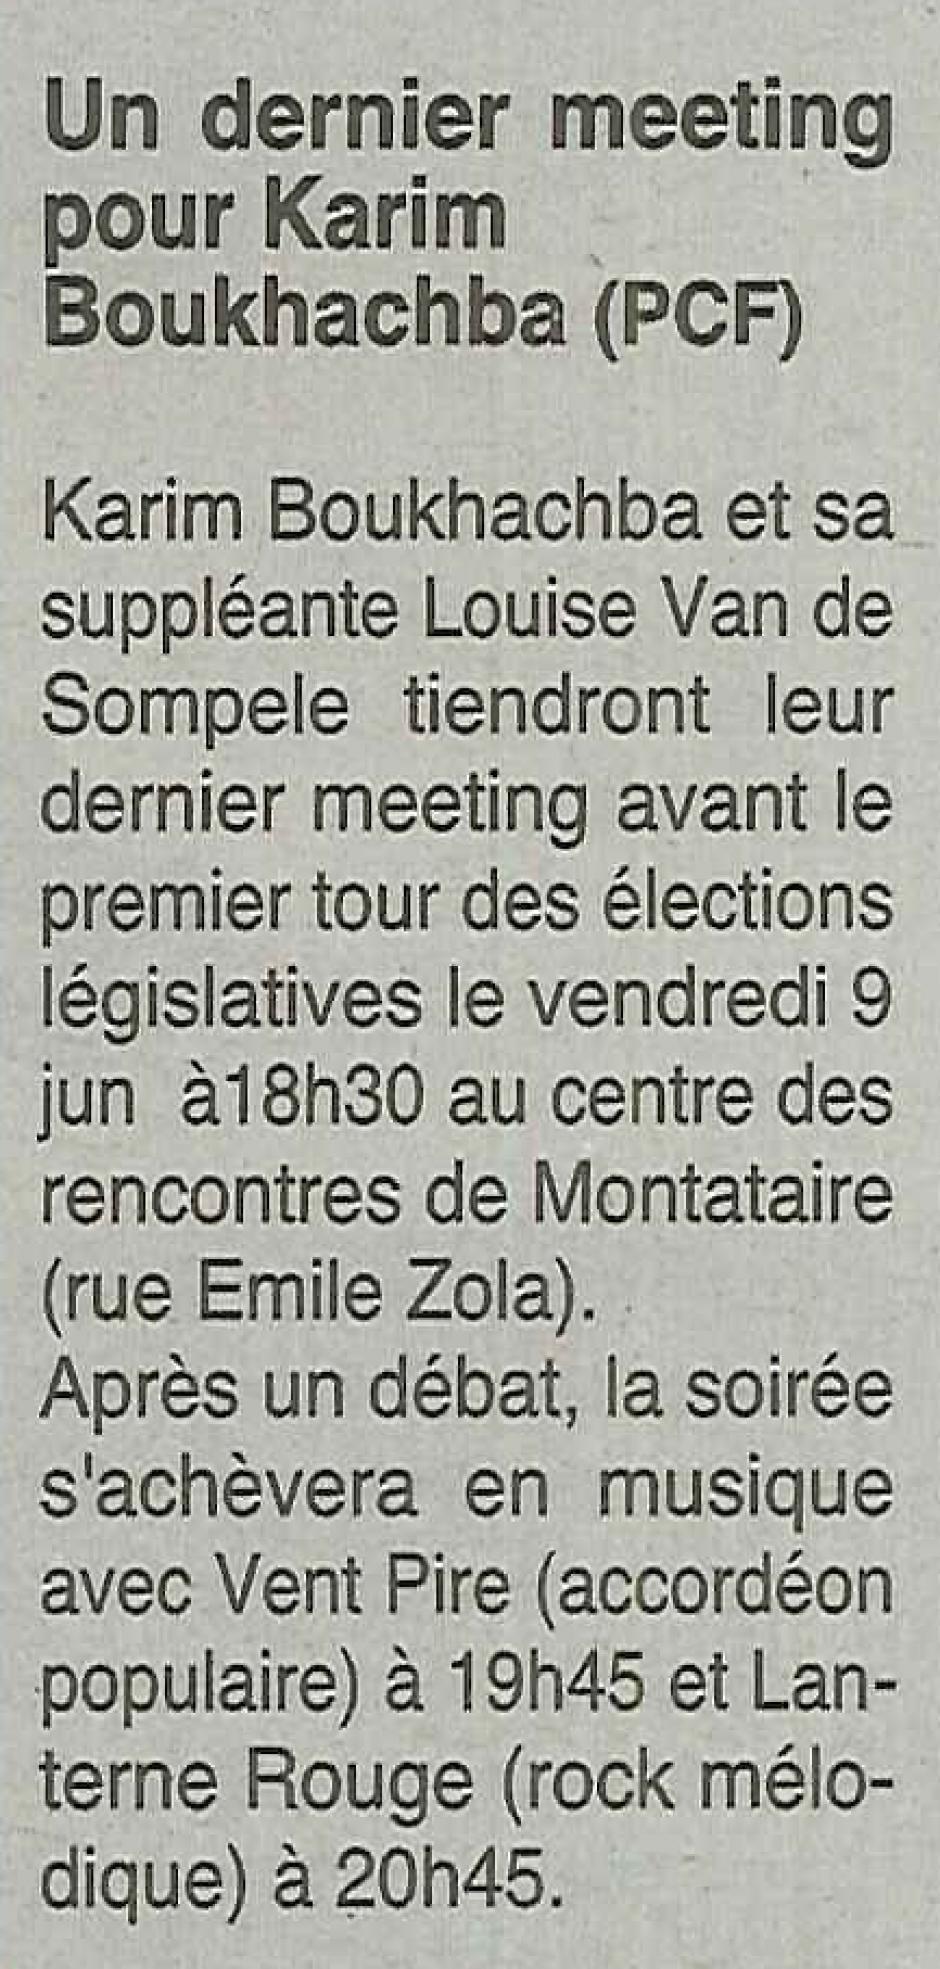 20170609-OH-Oise-L2017-3C-Un dernier meeting pour Karim Boukhachba (PCF)